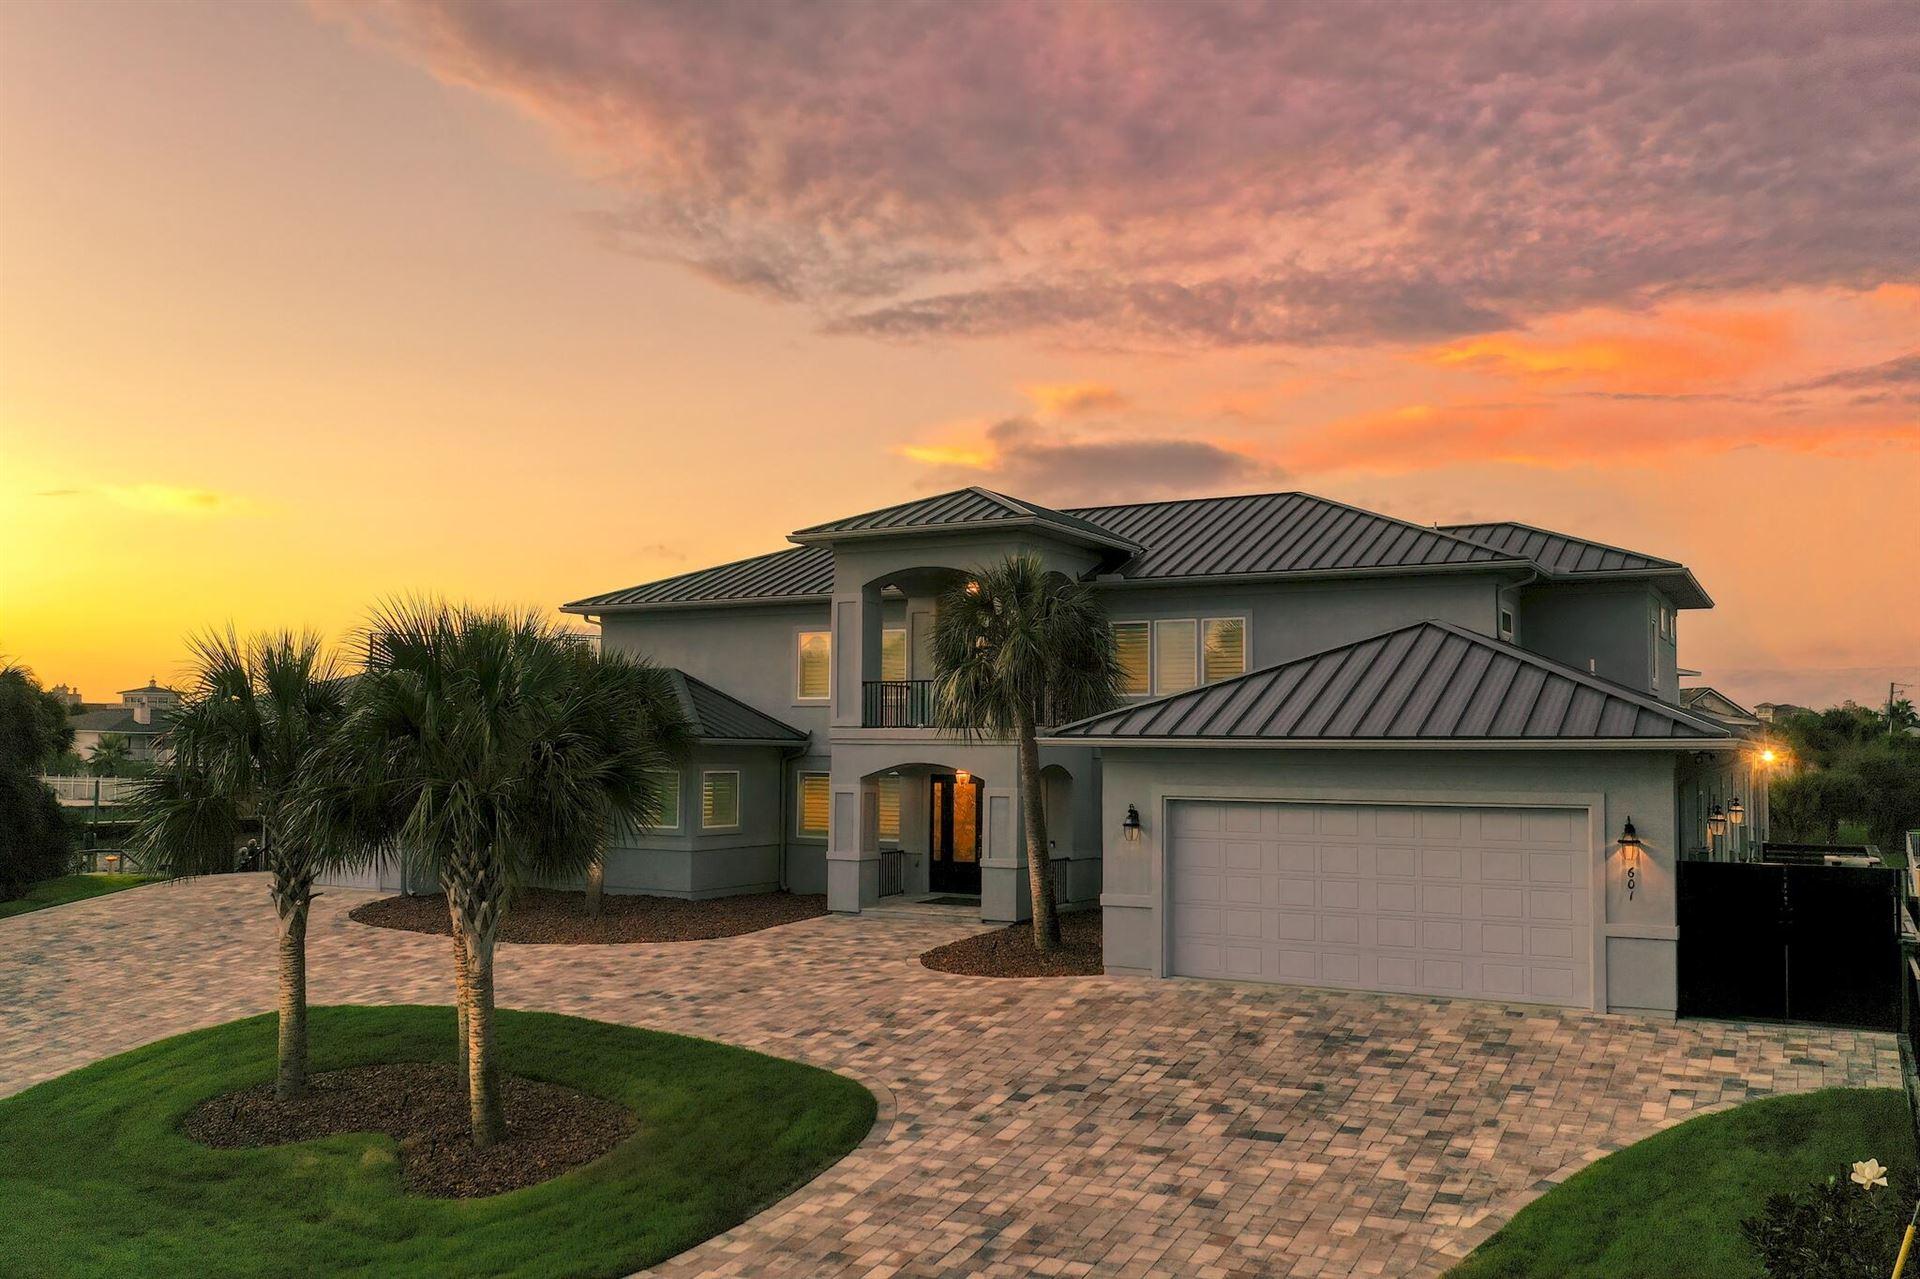 601 Magnolia Drive                                                                               Destin                                                                      , FL - $6,500,000